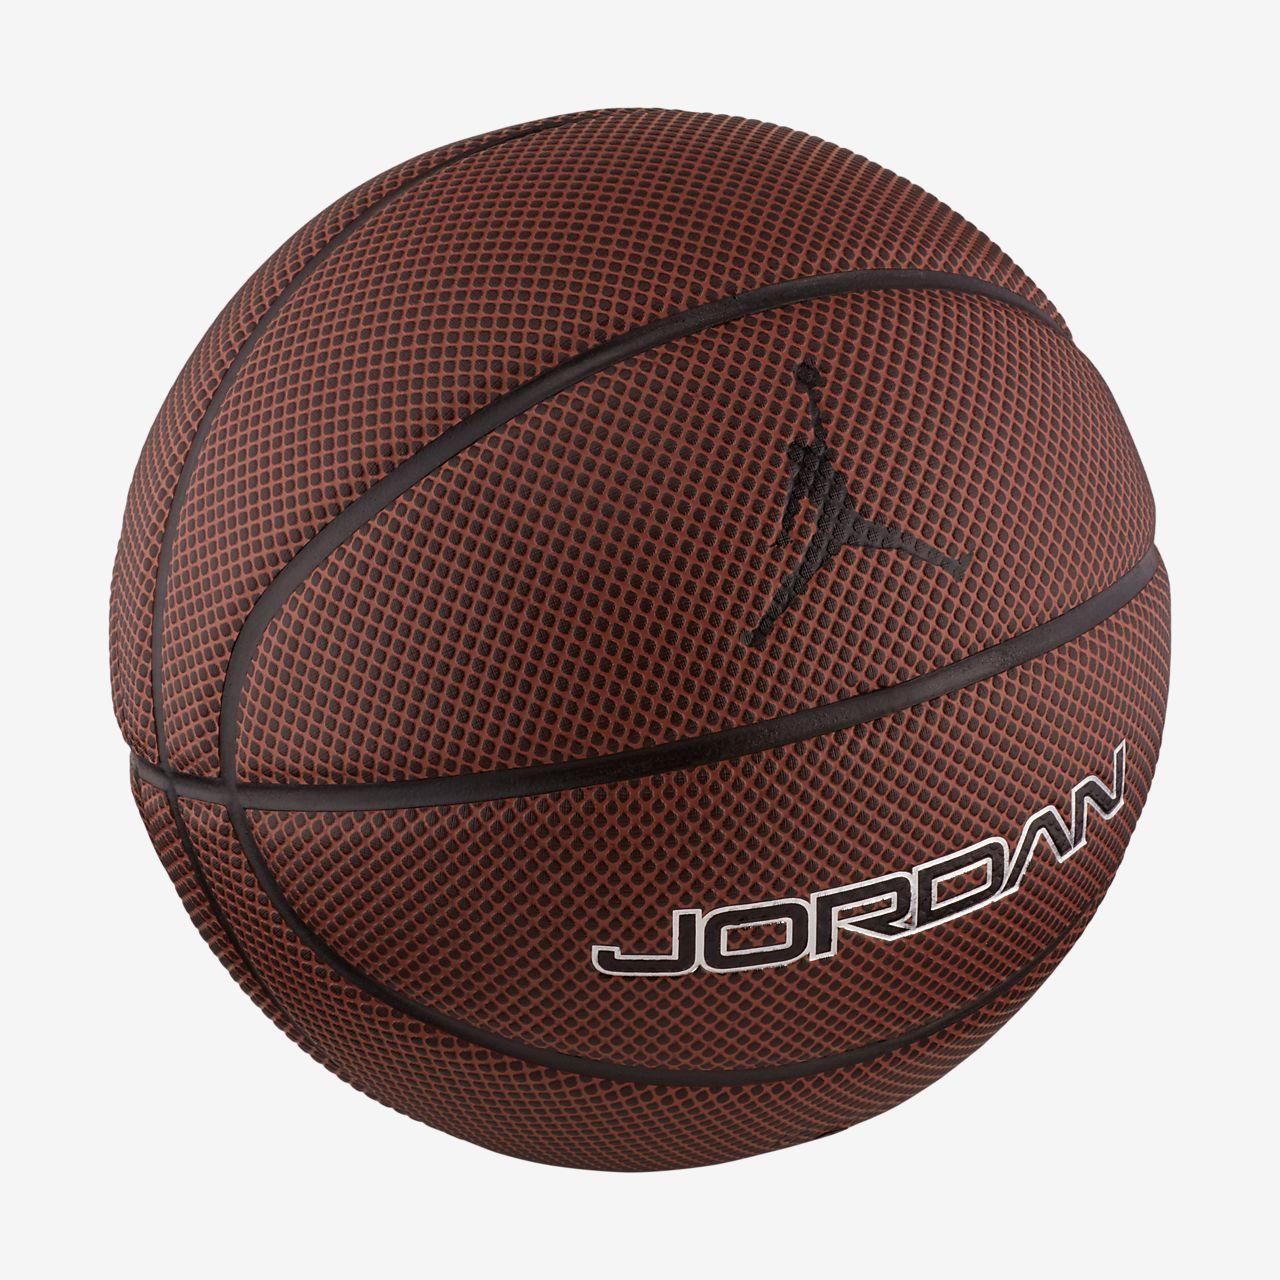 2fc2a9feffd Bola de basquetebol Jordan Legacy 8P (tamanho 7). Nike.com PT